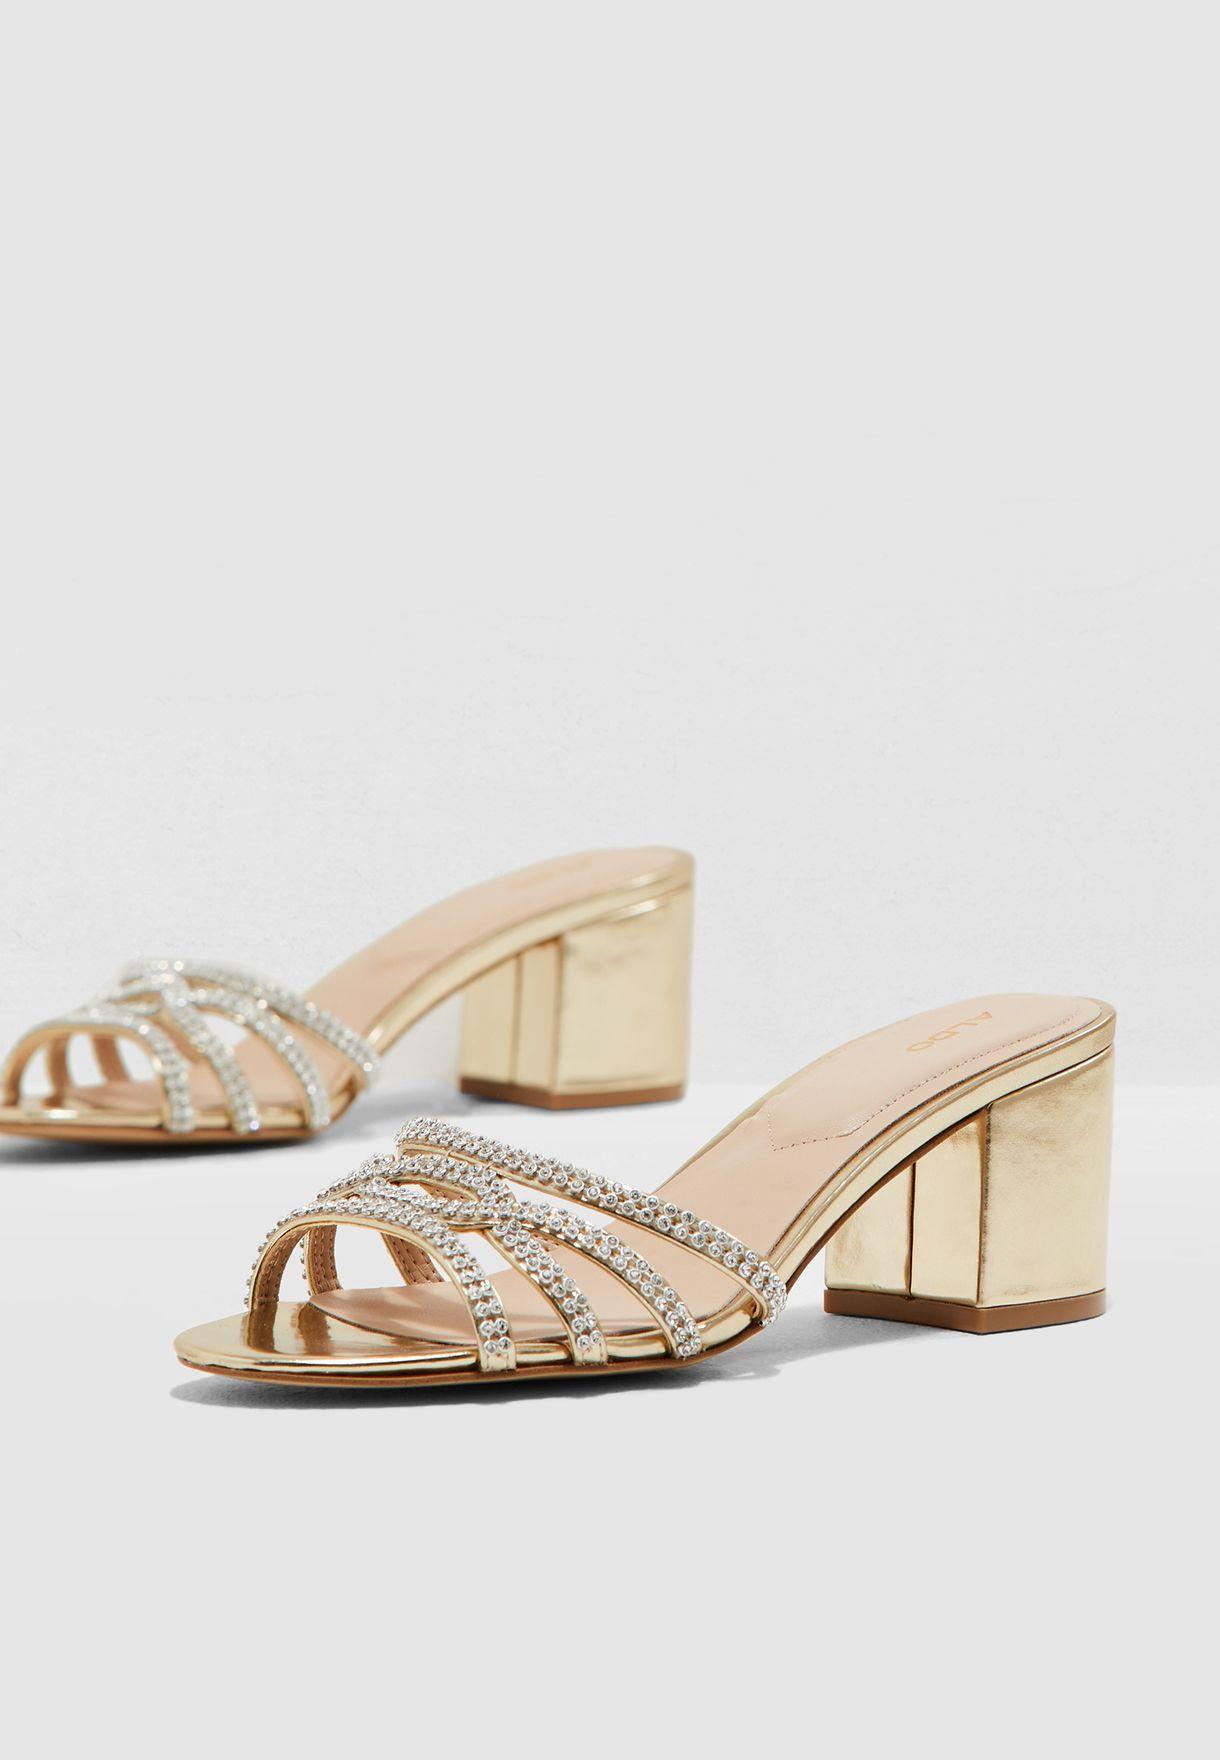 c32118c904b5 Shop Aldo gold Chiniel Sandal CHINIEL82 for Women in Qatar ...